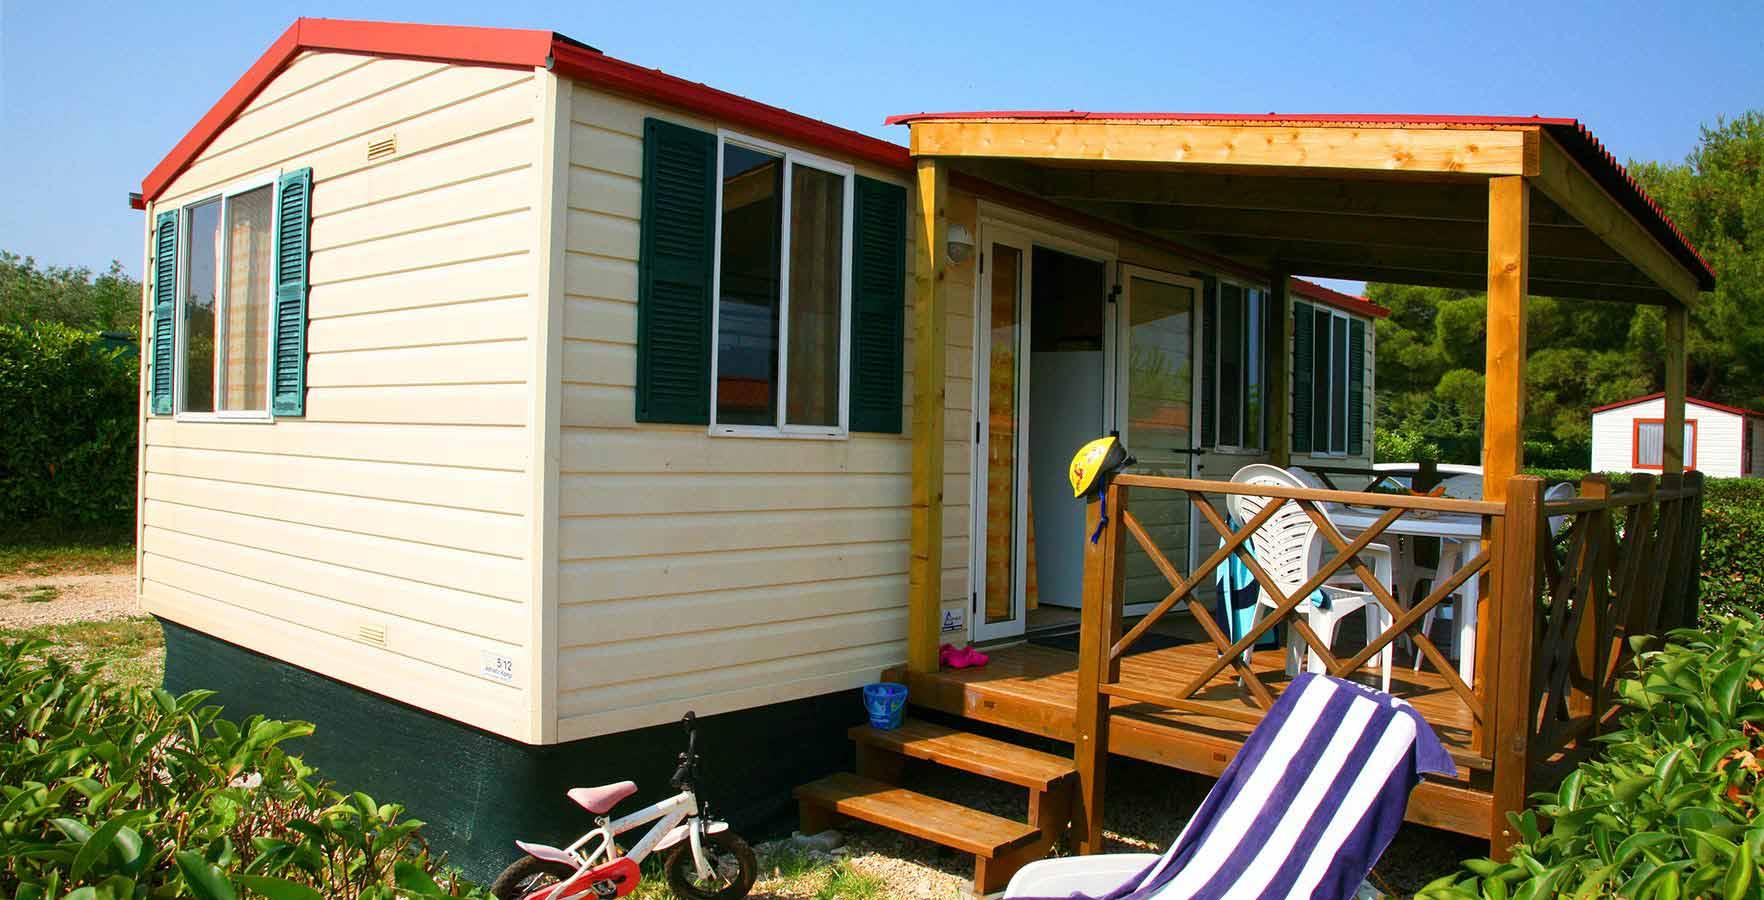 Camping Dole - Croatian Camping Union c5054ea394e0